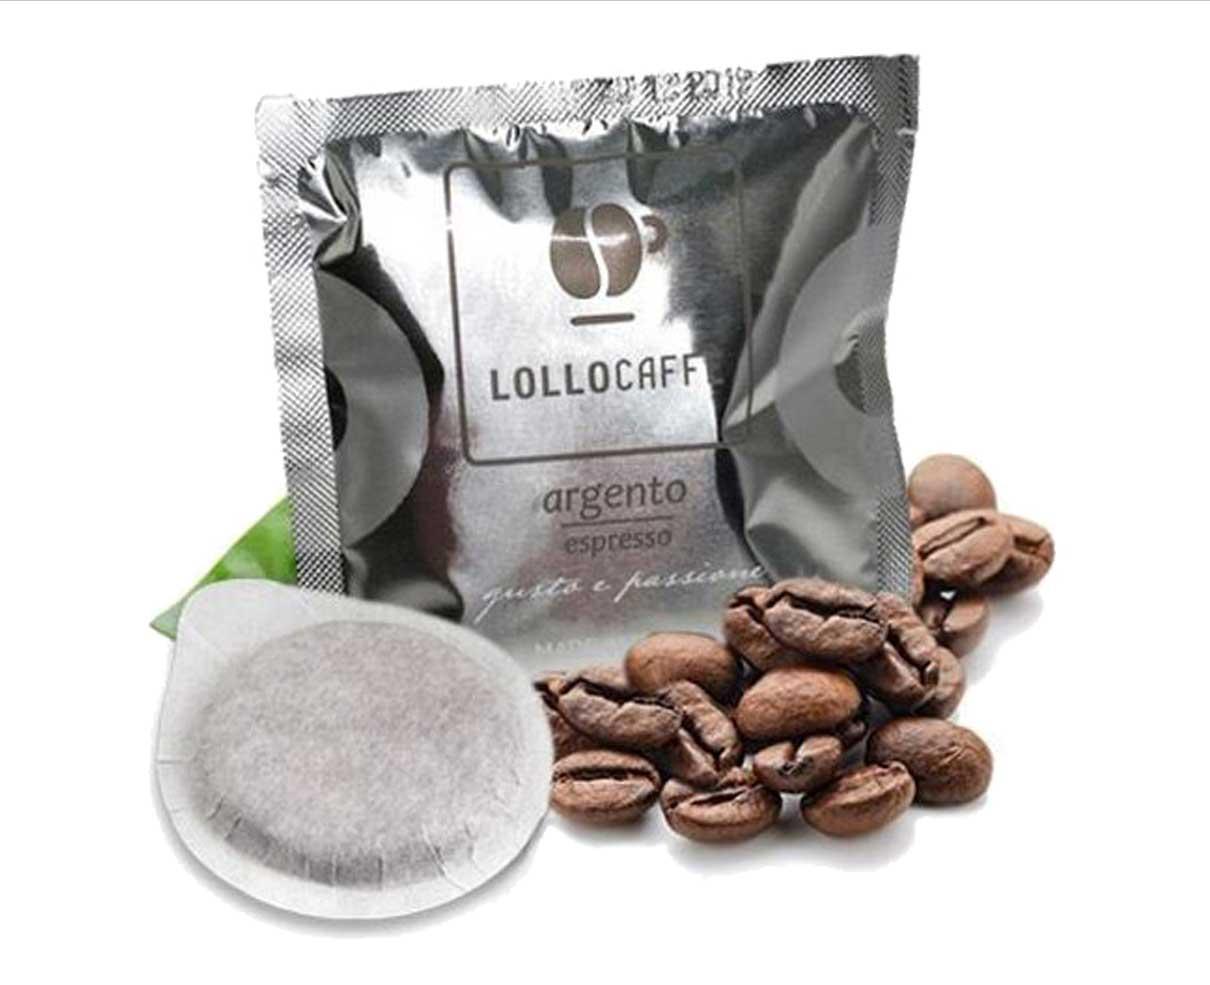 50 cialde ESE in carta caffè miscela argento Lollo caffè